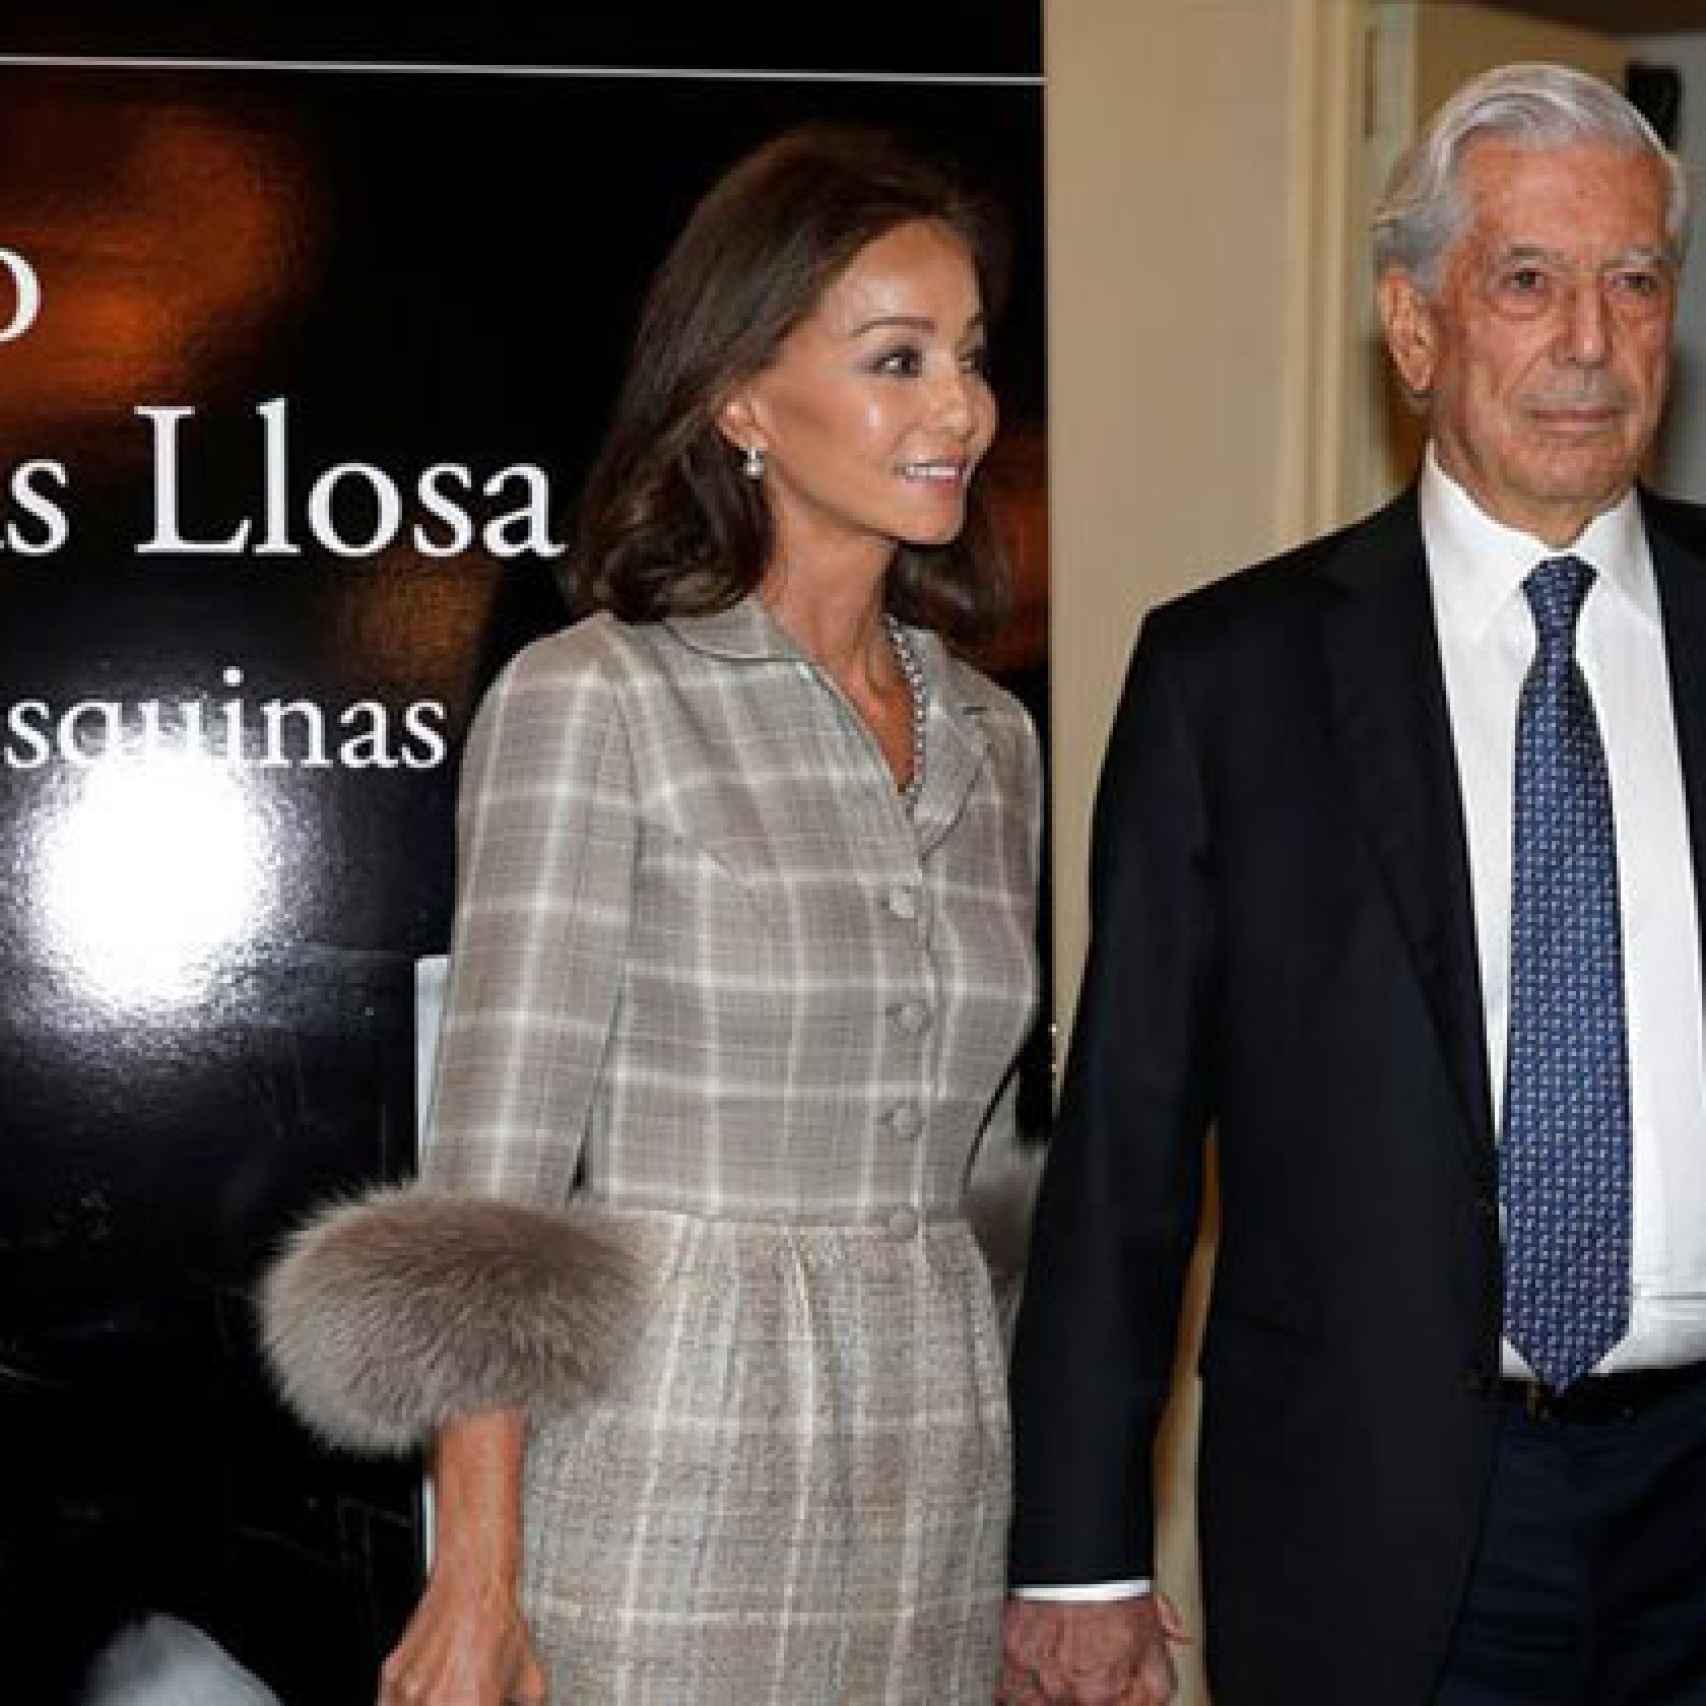 La última novela de Vargas Llosa no ha tenido mucho éxito de ventas